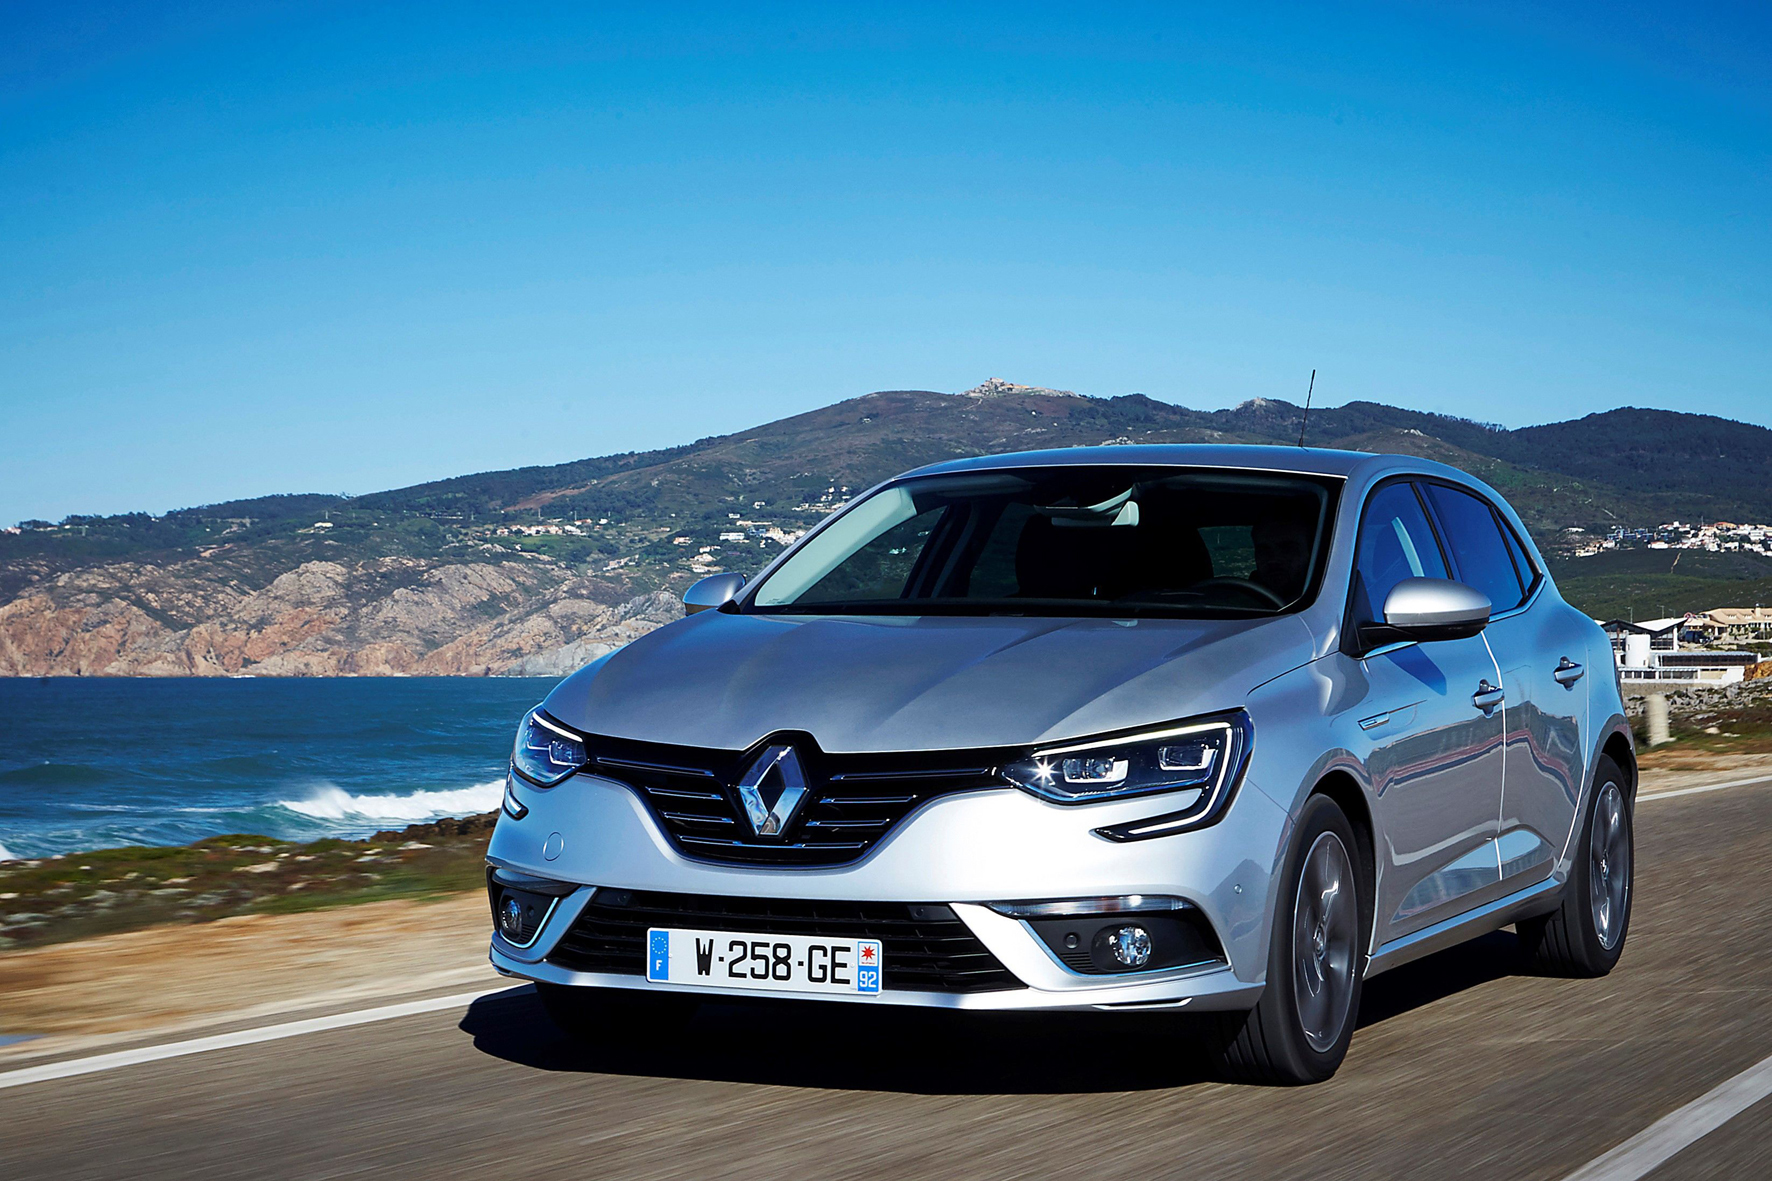 mid Groß-Gerau - Extravagant gestylt, mit modernen Sicherheits- und Komfort-Elementen und sparsamen Motoren: der neue Renault Mégane.